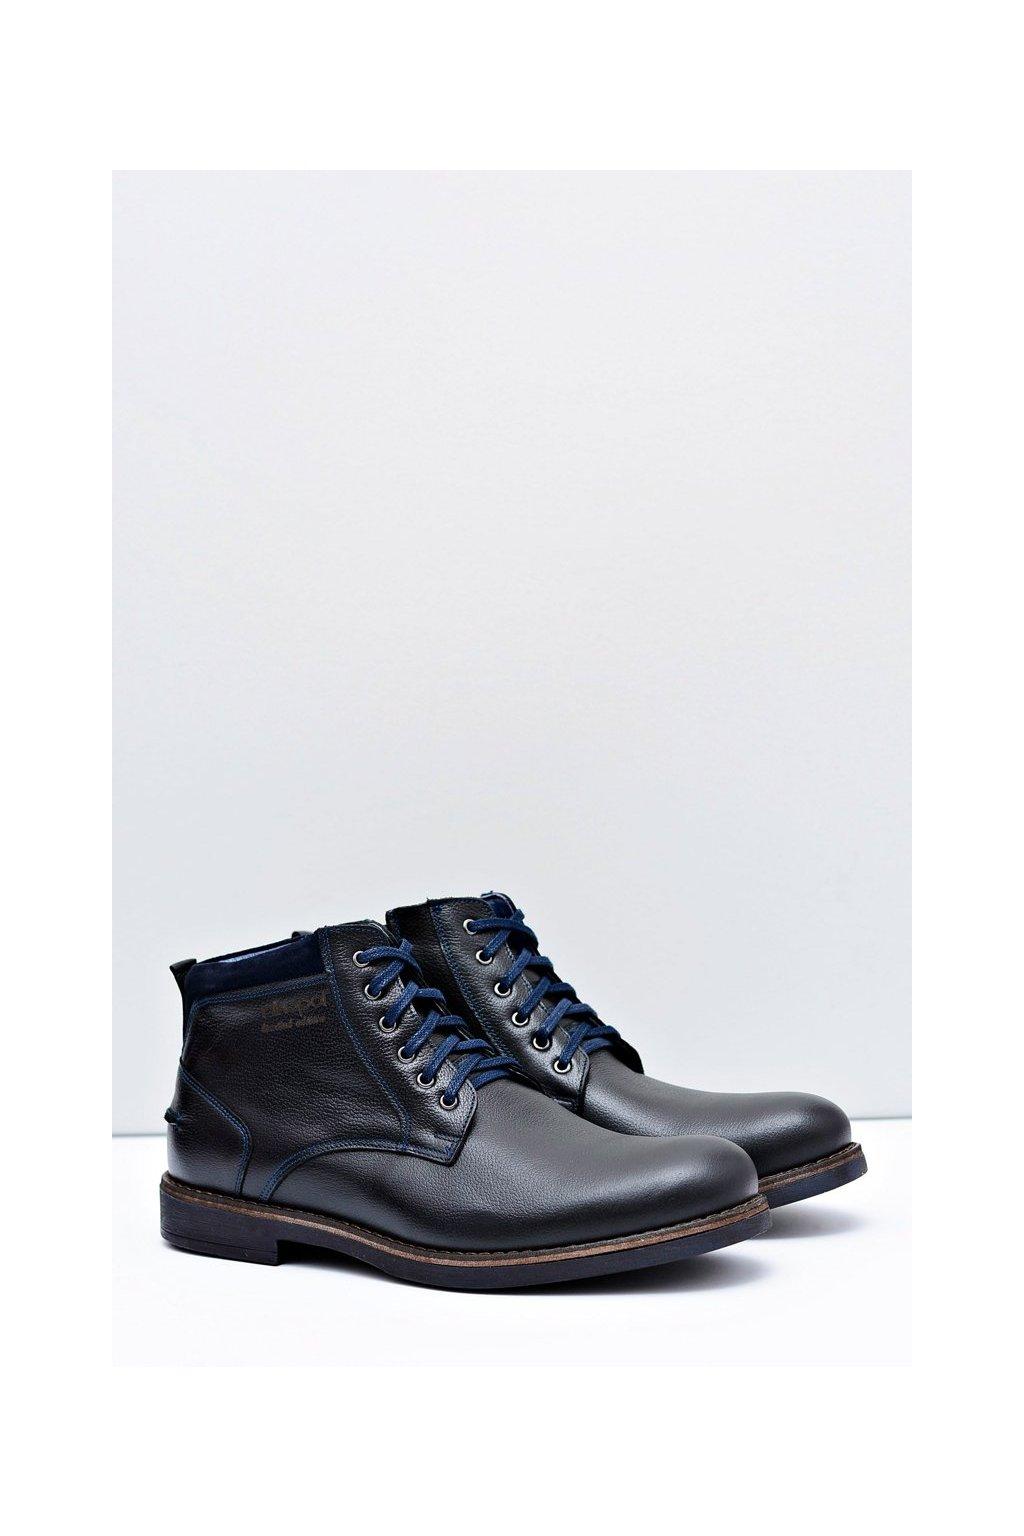 Pánske topánky na zimu farba čierna kód obuvi 671 BLK LICO GROCH